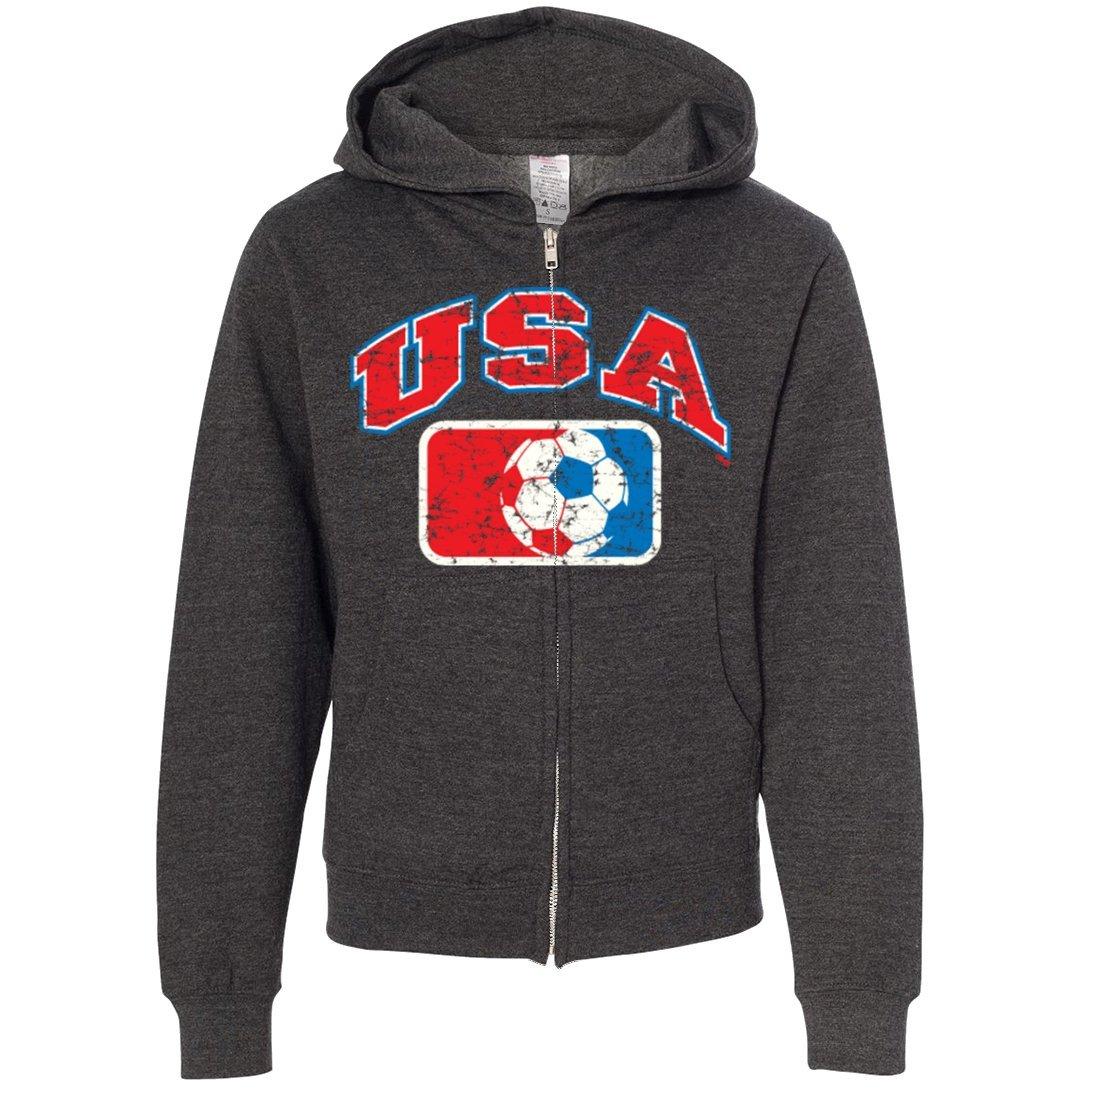 USA Vintage Soccer Team Youth Zip-Up Hoodie